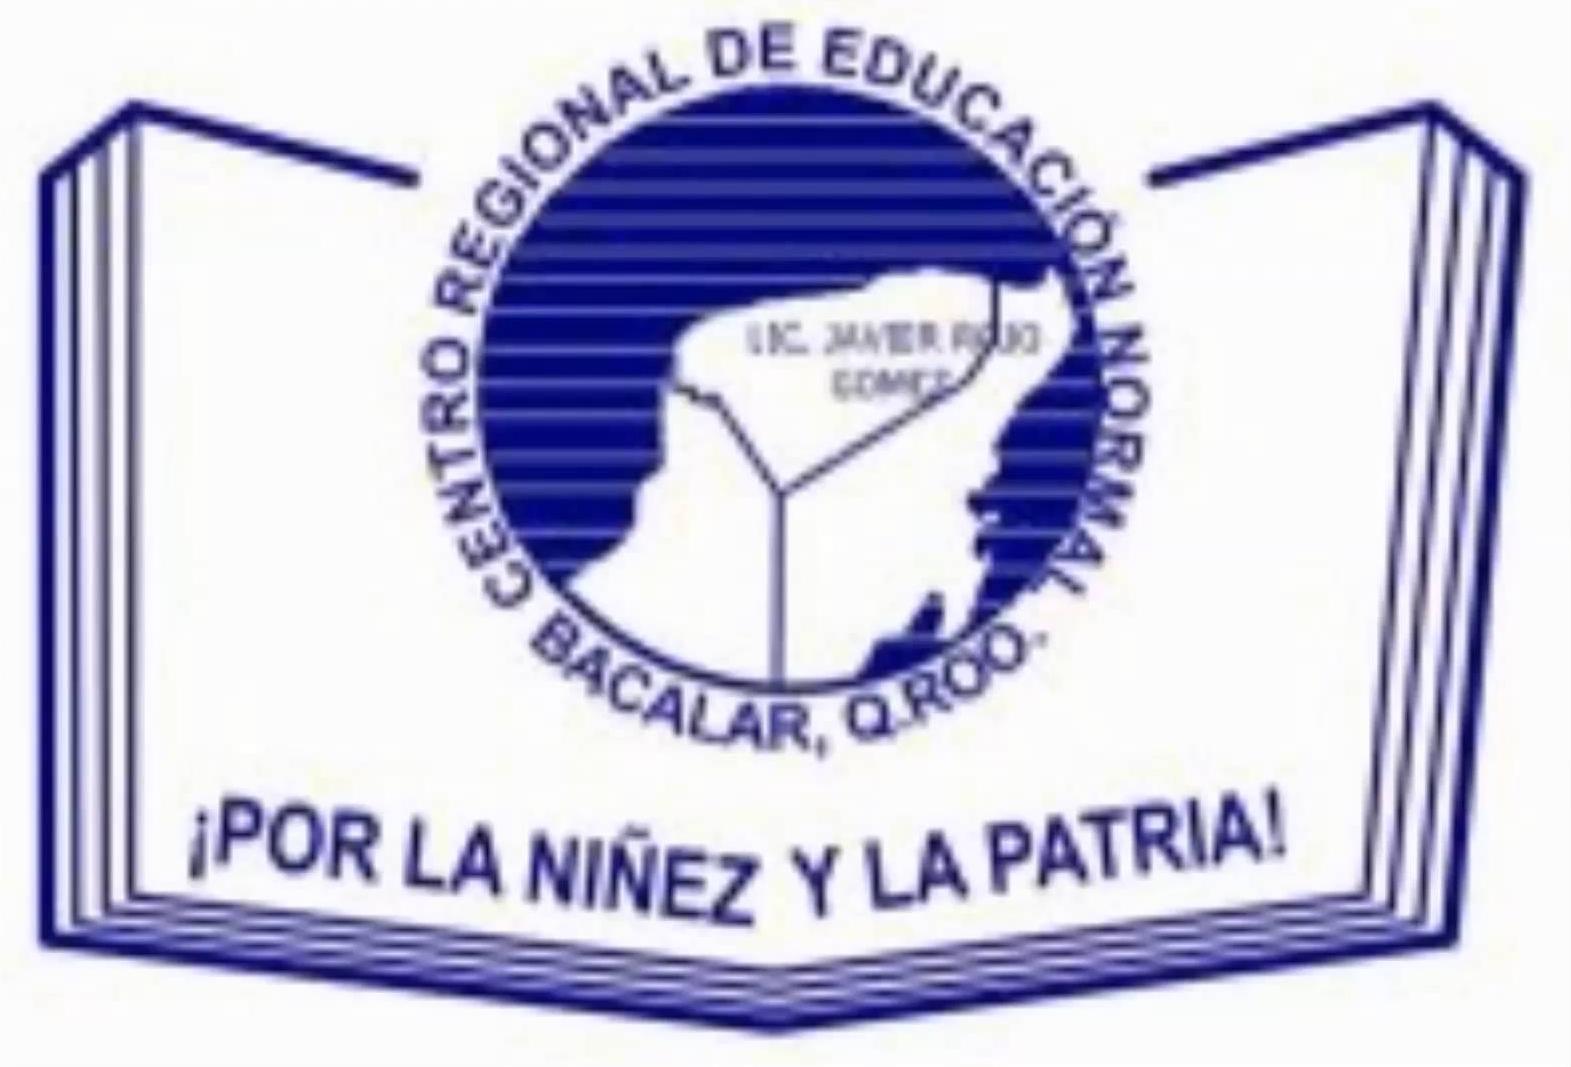 Centro Regional de Educación Normal. Javier Rojo Gómez